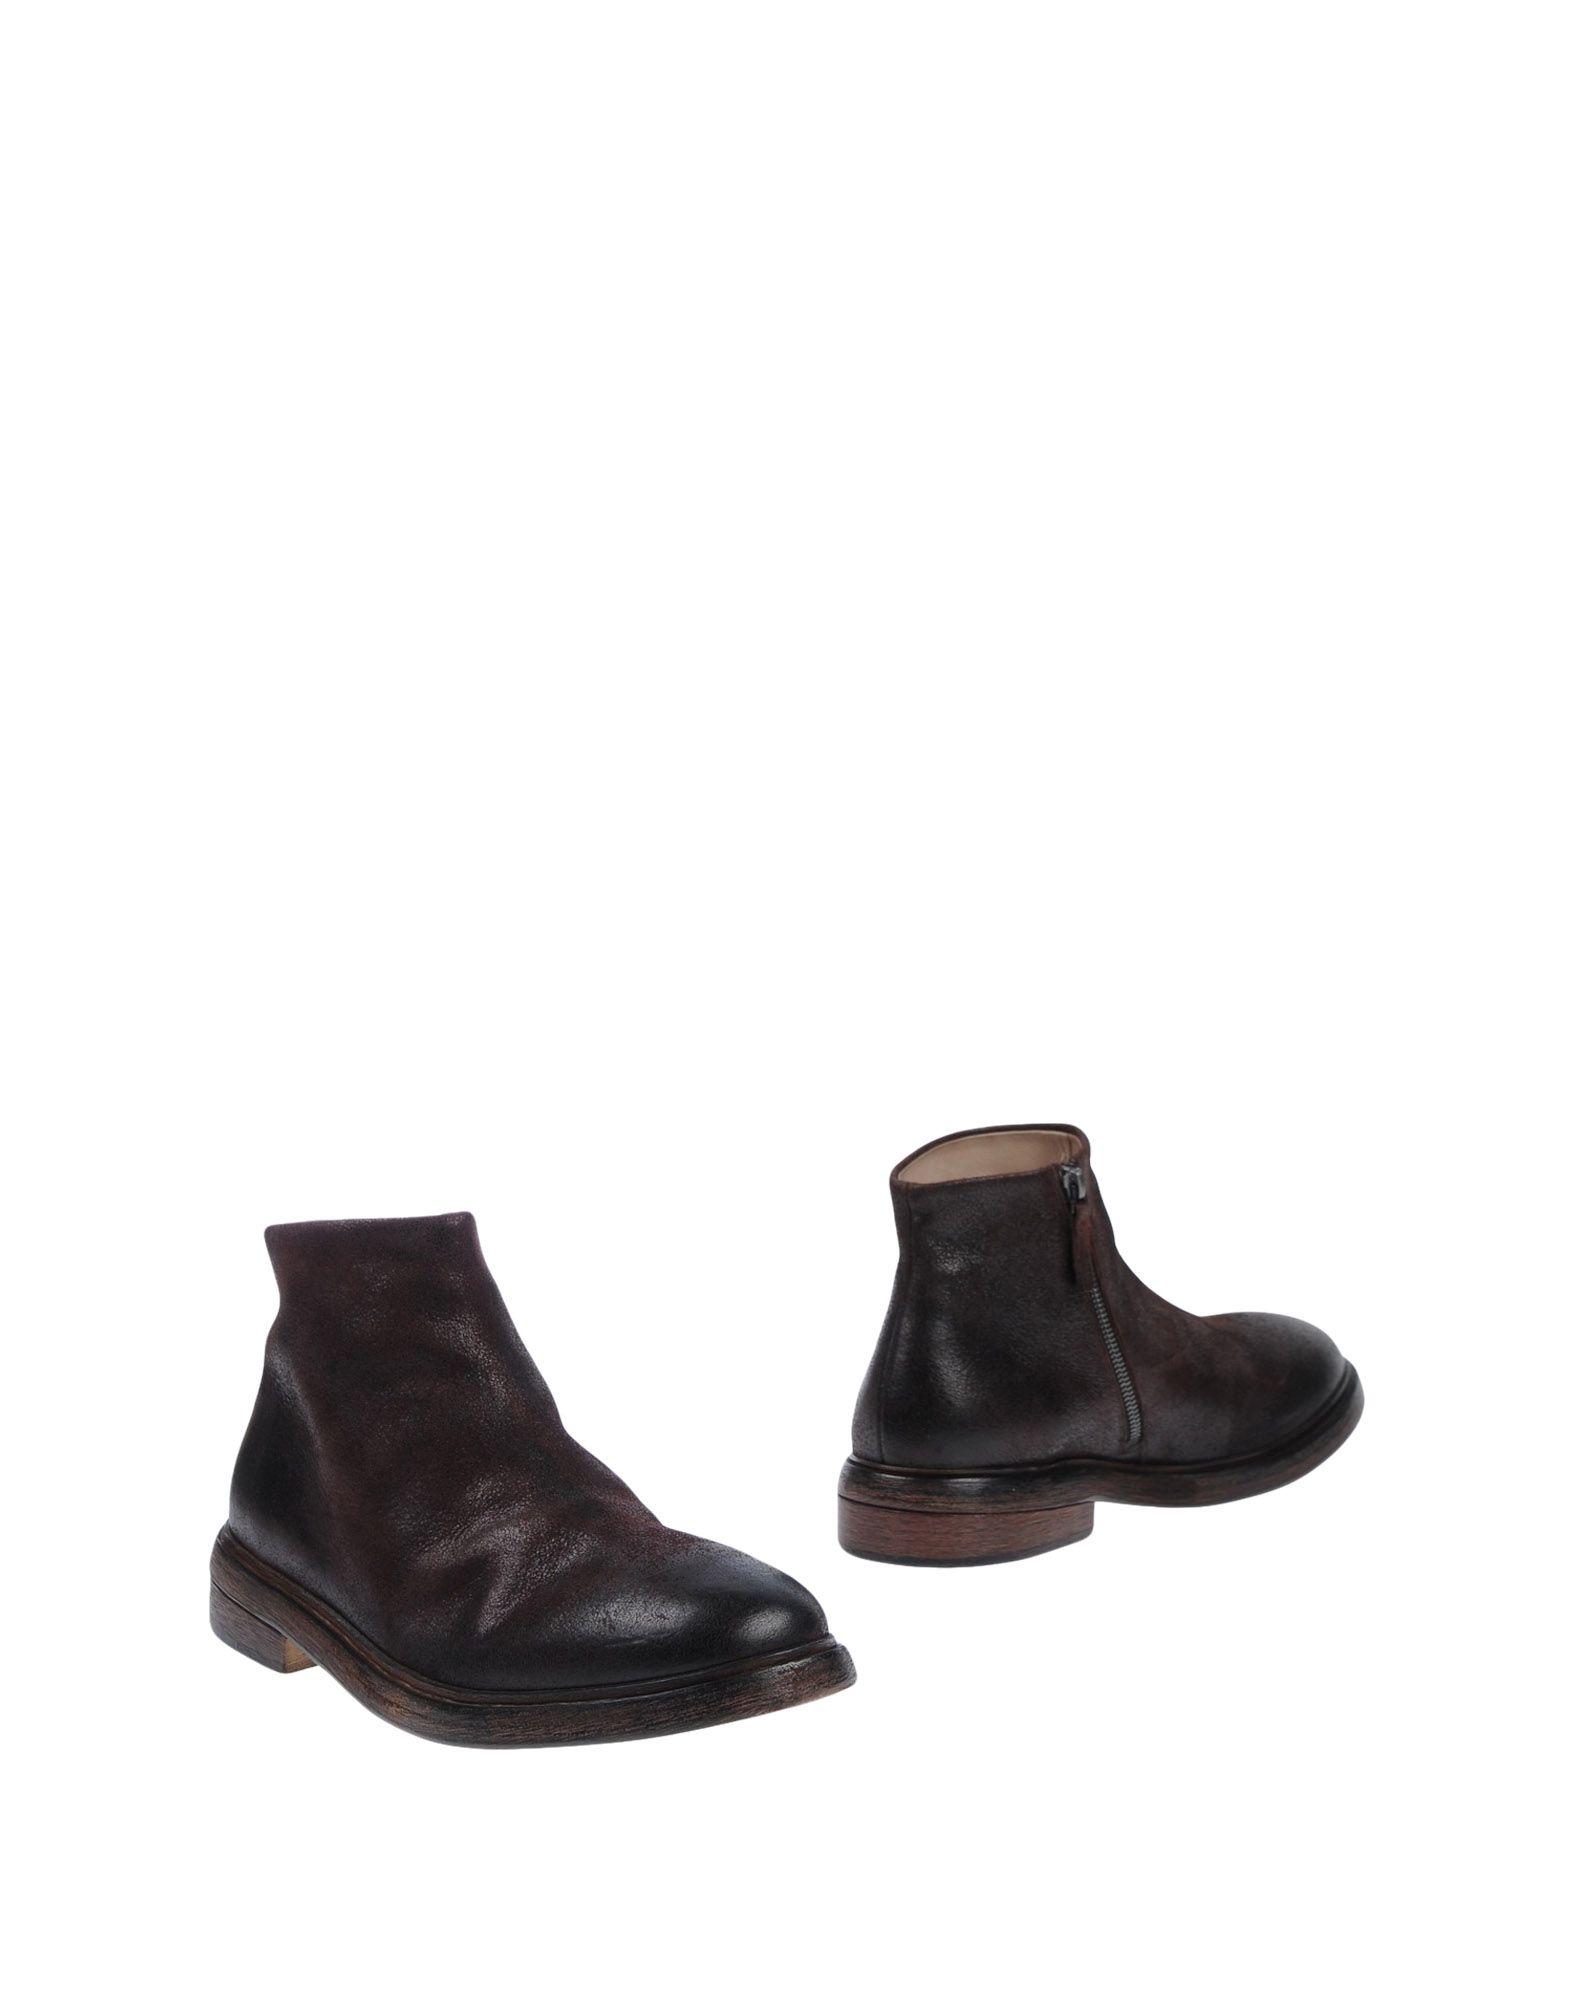 Marsèll Stiefelette Herren  11509256DX Gute Qualität beliebte Schuhe